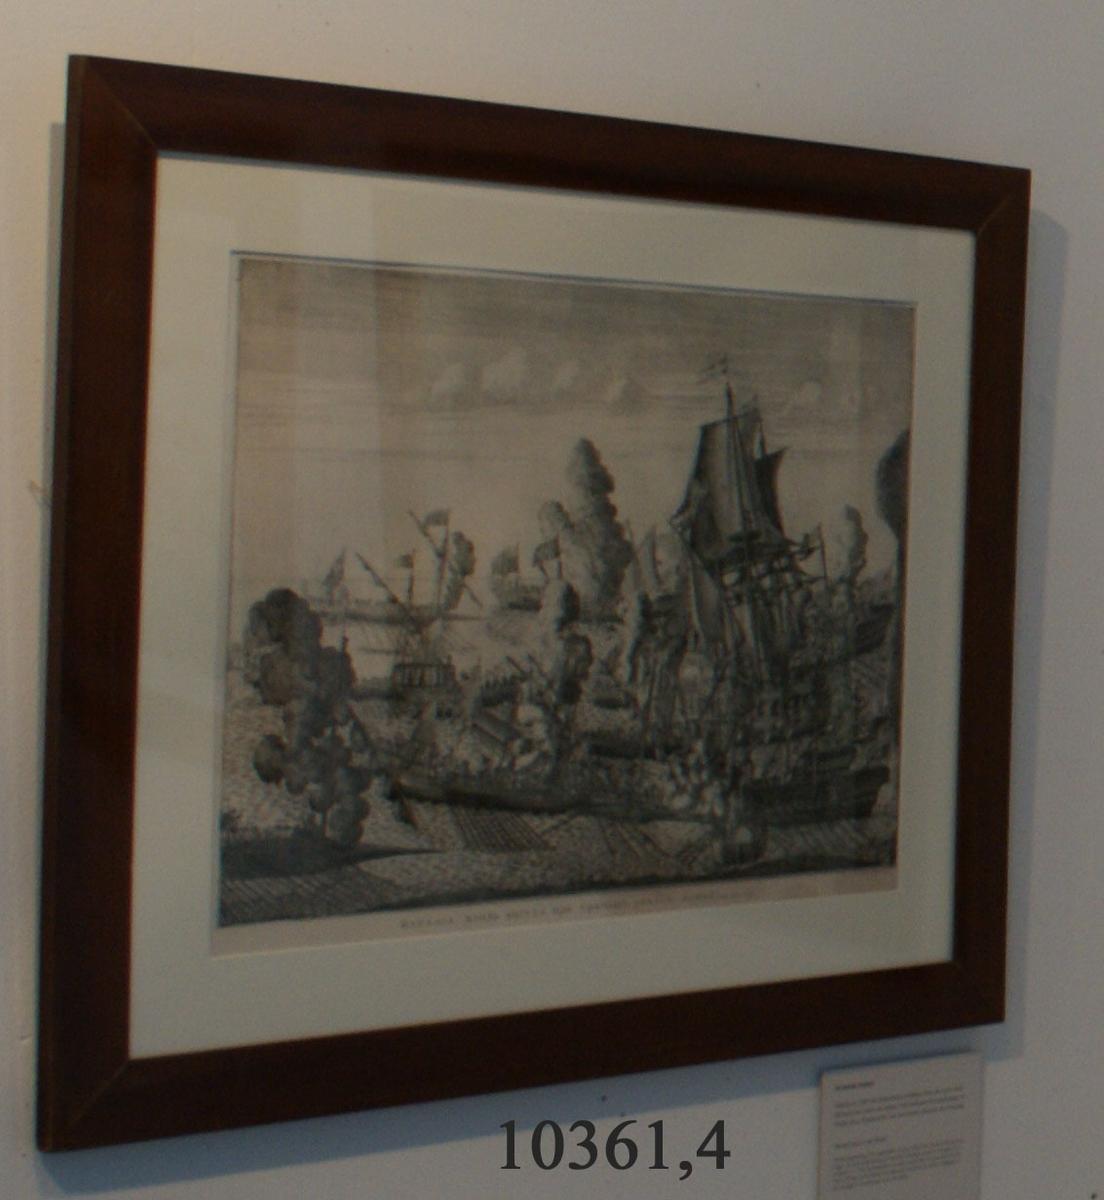 """Kopparstick, liggande format, visande sjöstrid mellan svenska och ryska flottan; ryska galärer omringar svenskt linjeskepp, totalt ett 15-tal fartyg i bild. Mot högra sidan av bildytan syns kanterna av ett berg i förgrunden. Nedanför bilden rysk text som avslutas med """"1714"""" och """"23"""". I högre, nedre hörn förmodligen konstnärens eller gravörens namn samt år """"1715"""". Kopparsticket är ramat i brun slät mahognyram med guldkant närmast motivet samt glas."""